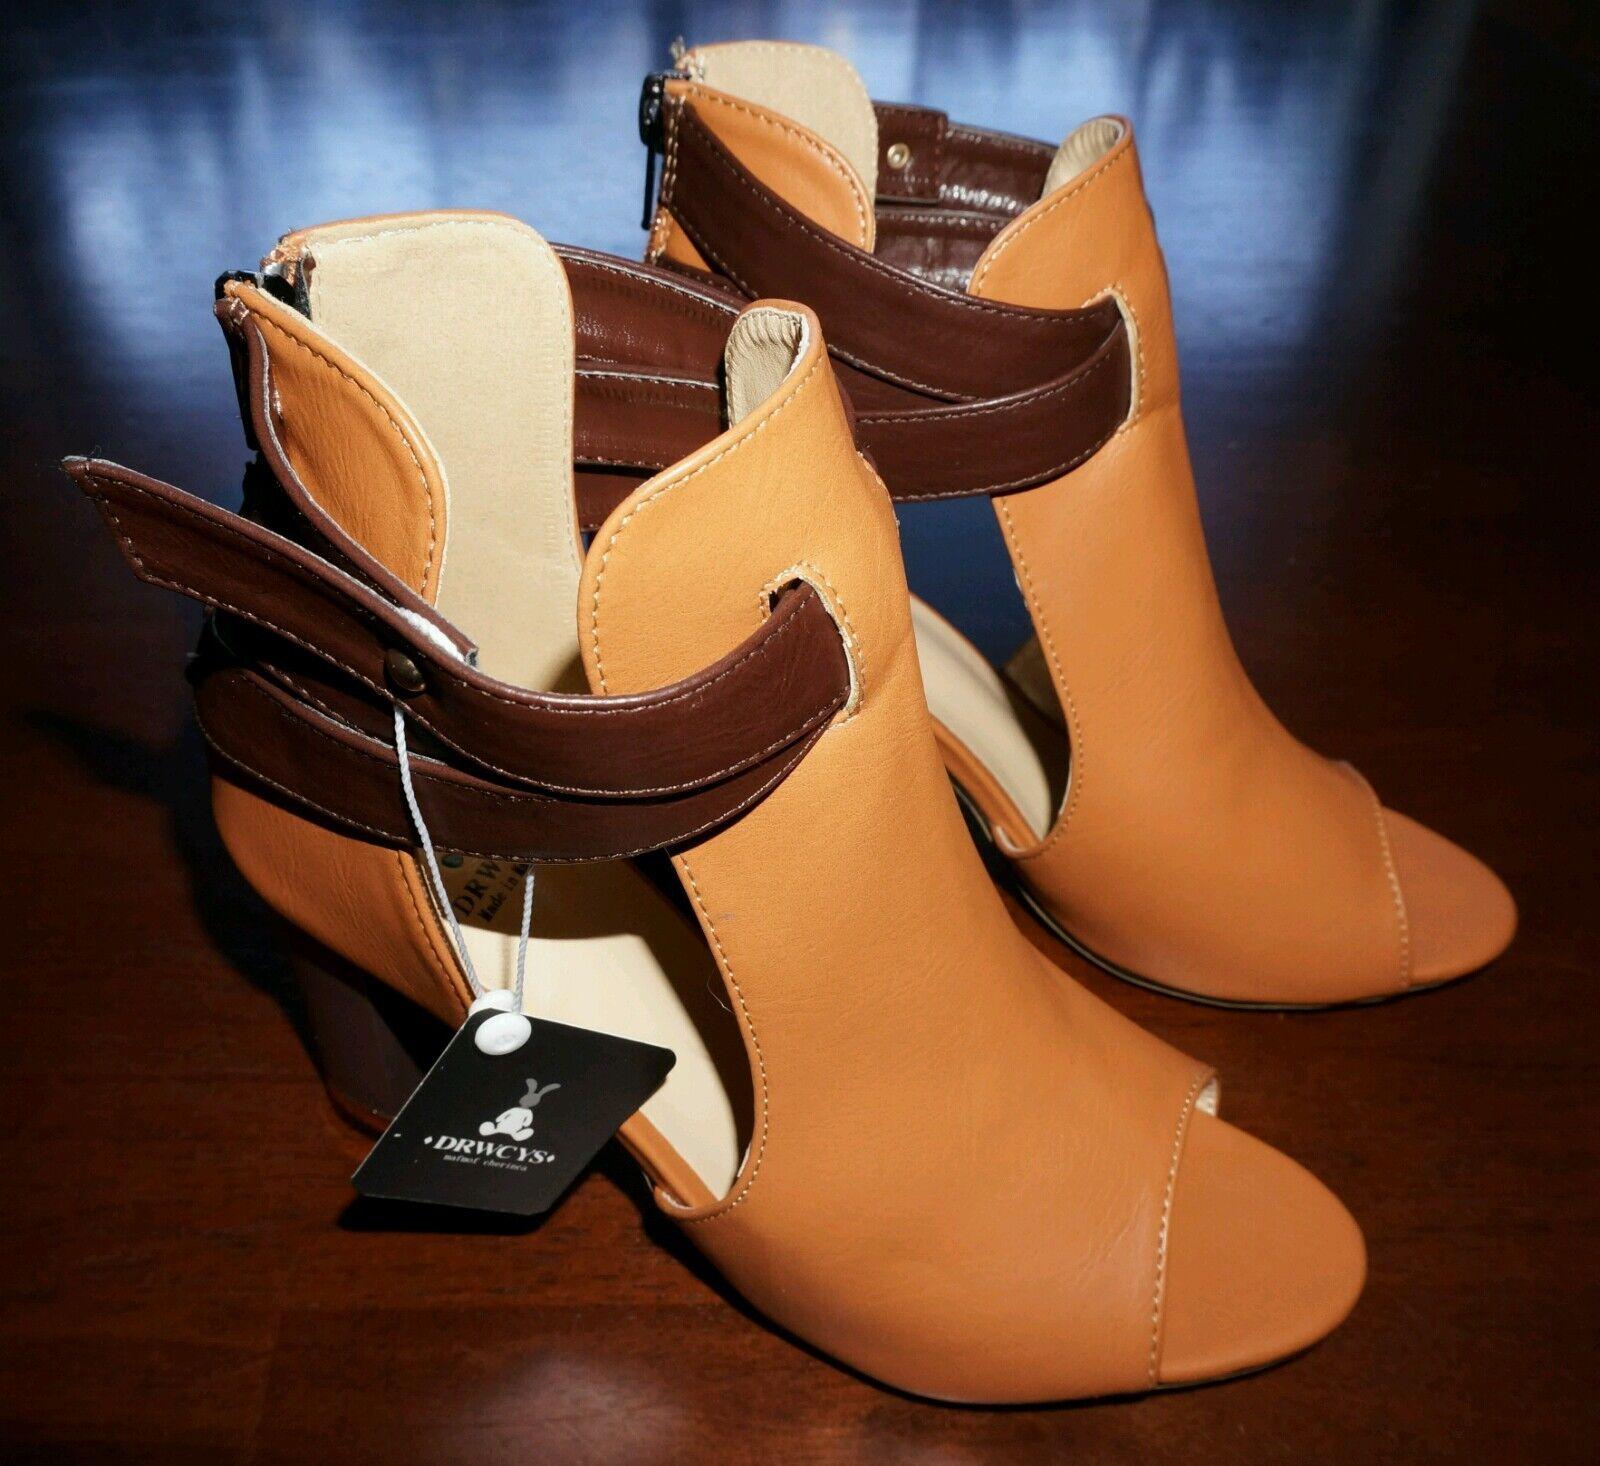 NEU Tan Chunky Heel Peep-toe Stiefel EUR 37 (Original Price 97)